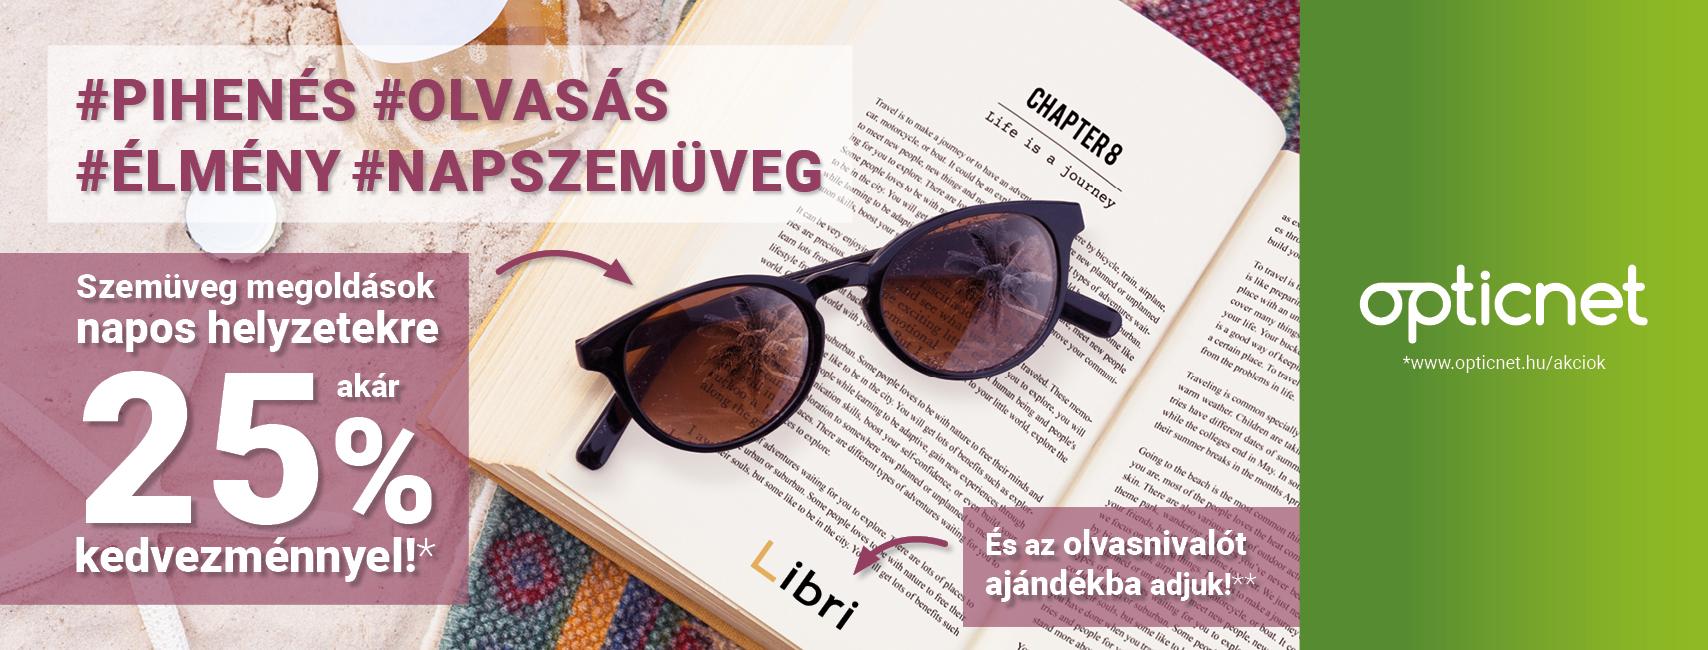 46b6425b7240 Szemüveg megoldások napos helyzetekre